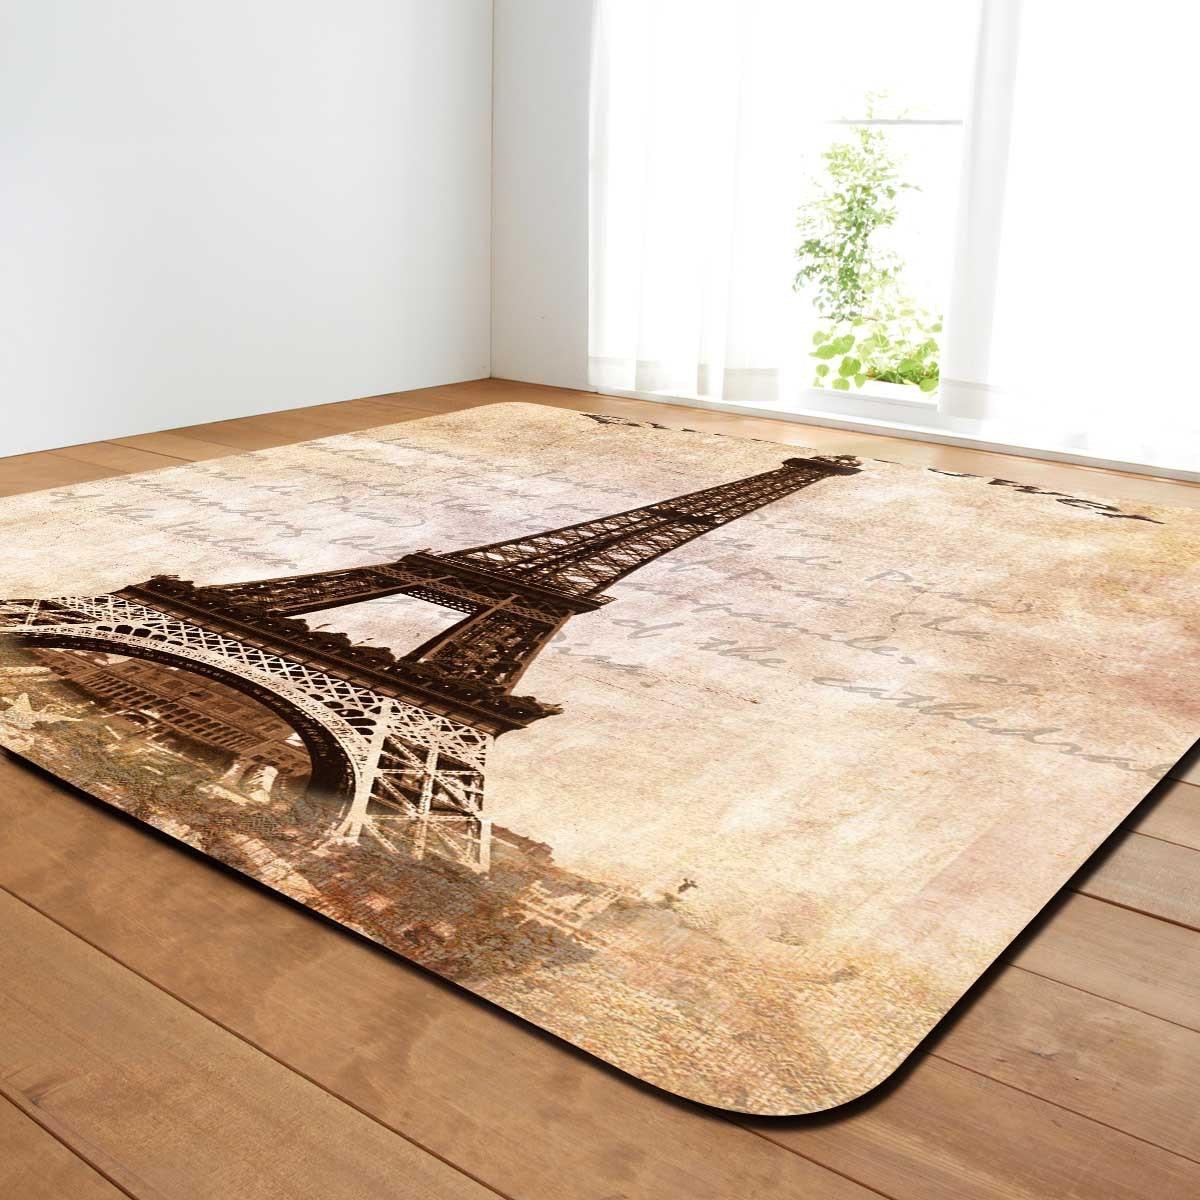 T salon Rectangle tapis pour salon rétro tour impression zone tapis pour décor à la maison anti-dérapant chambre tapis grande couverture